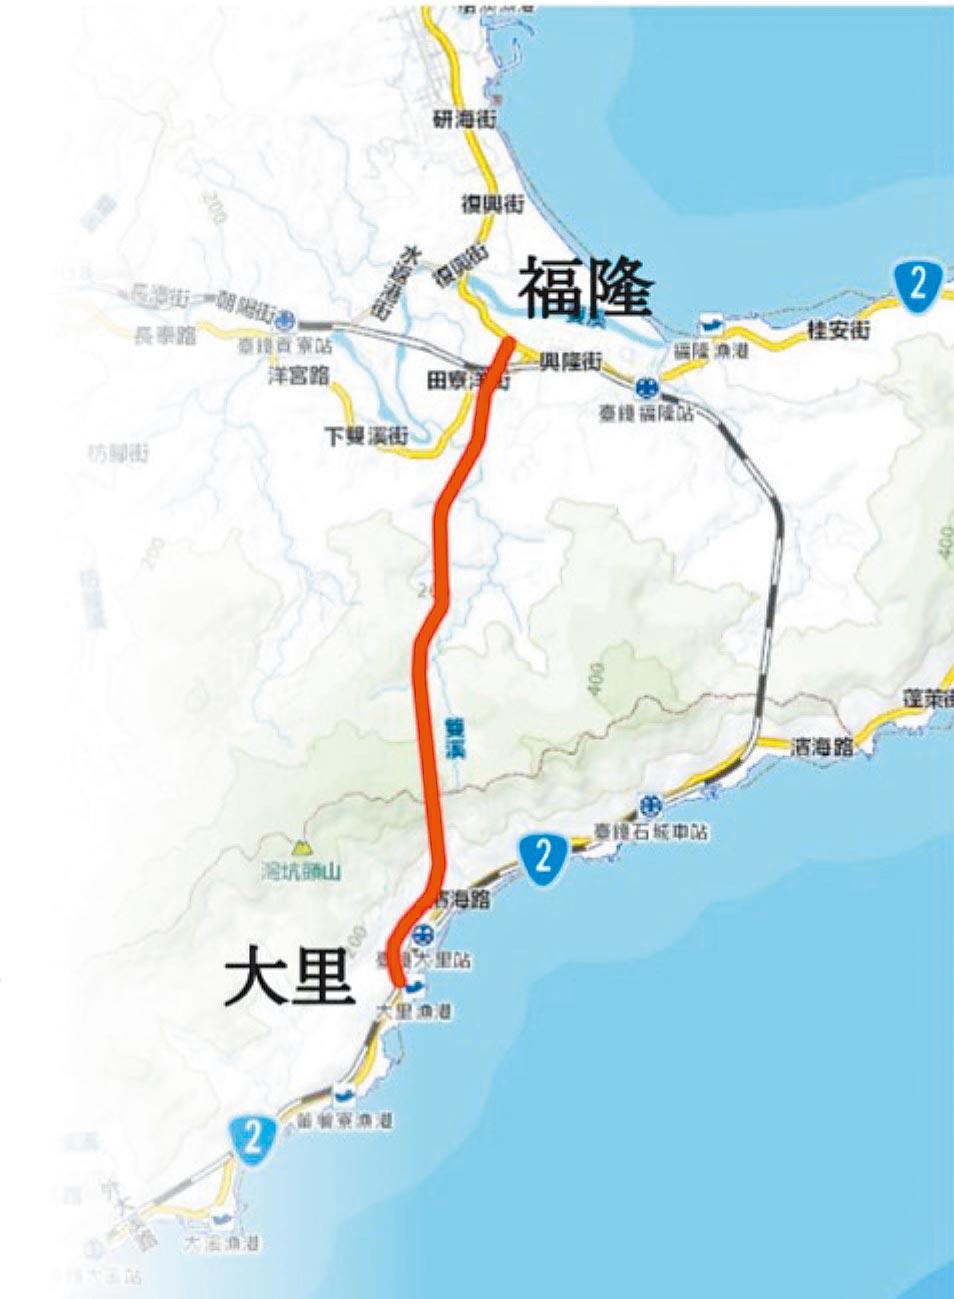 台2線福隆至大里段截彎取直計畫路線示意圖。(宜蘭縣政府提供/胡健森宜蘭傳真)